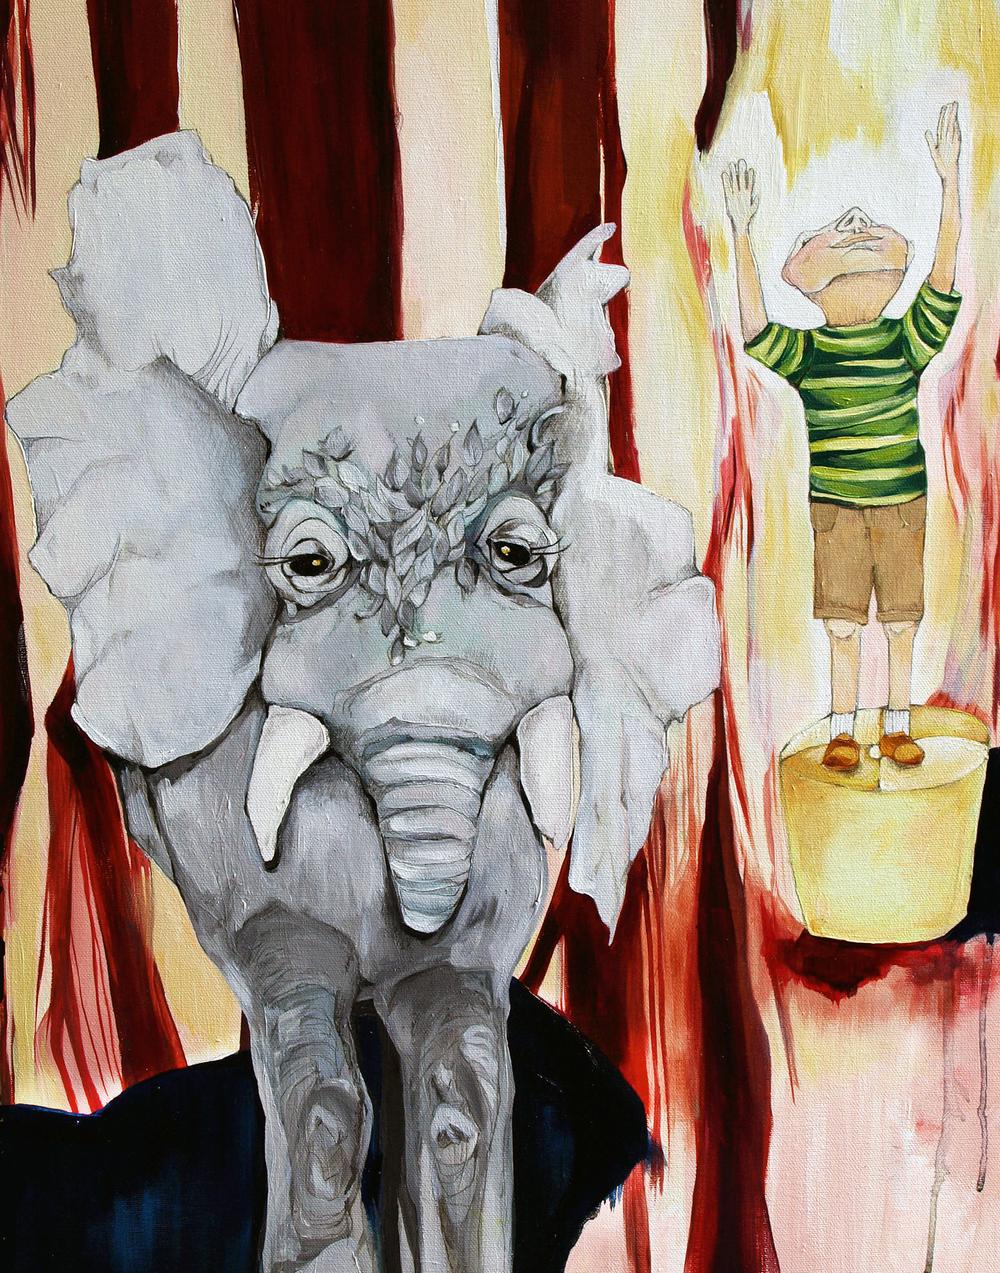 elephantboyprintsmallandgood (3).jpg